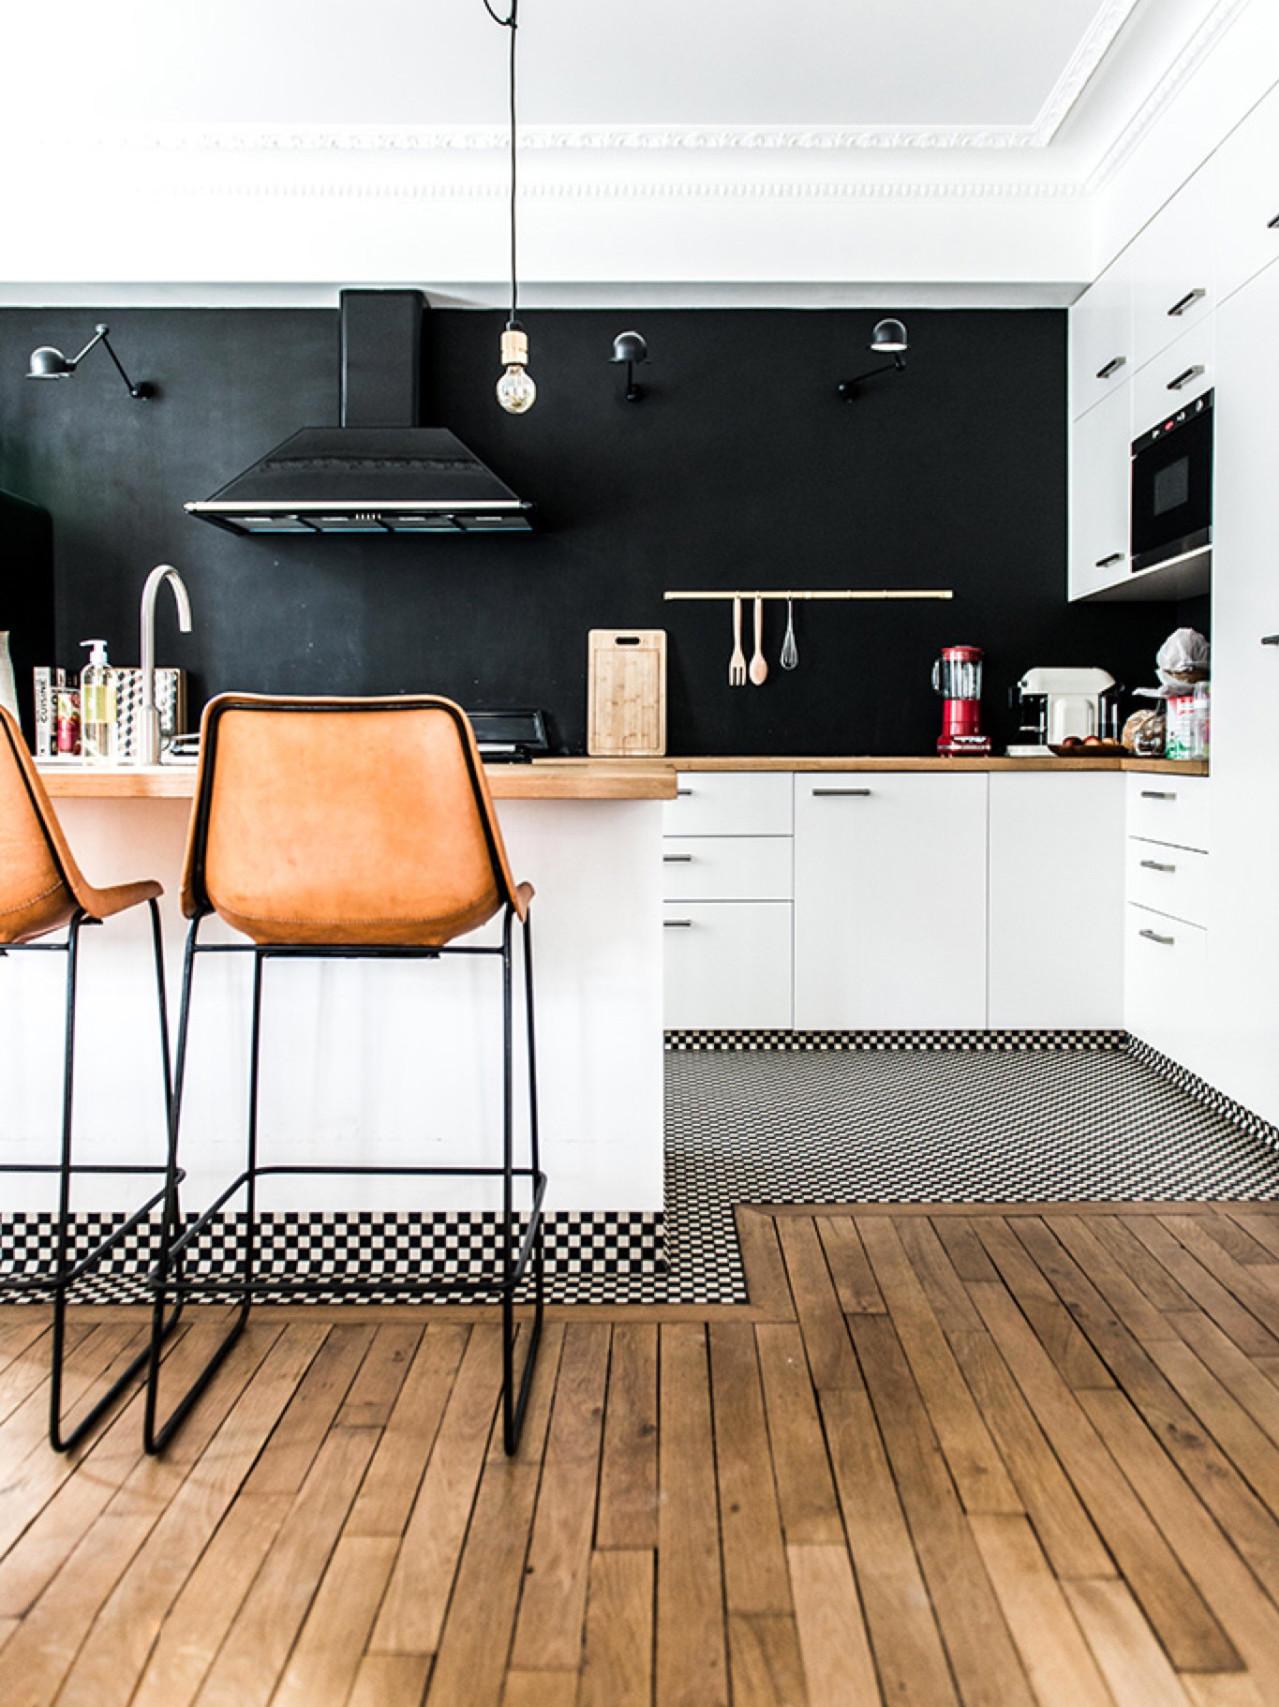 Hometeka Responde Pisos Para Cozinha Garagem E Mais